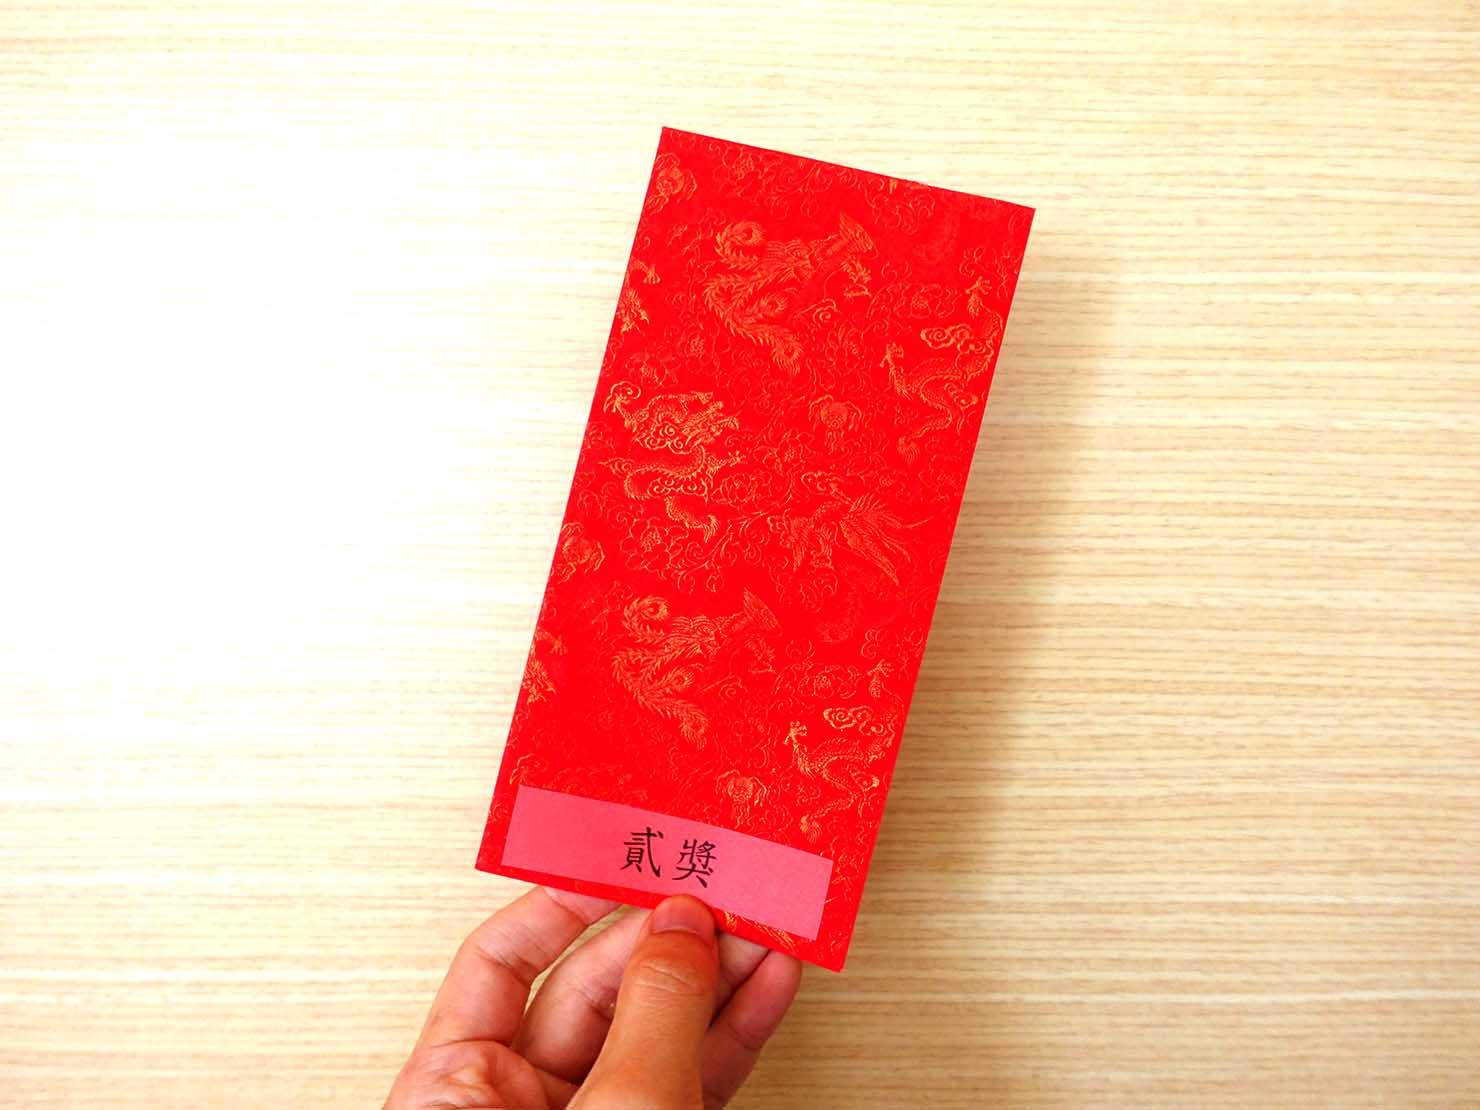 台湾春節前の定番忘年会「尾牙(ウェイヤー)」の抽選会で当たった紅包(お年玉)